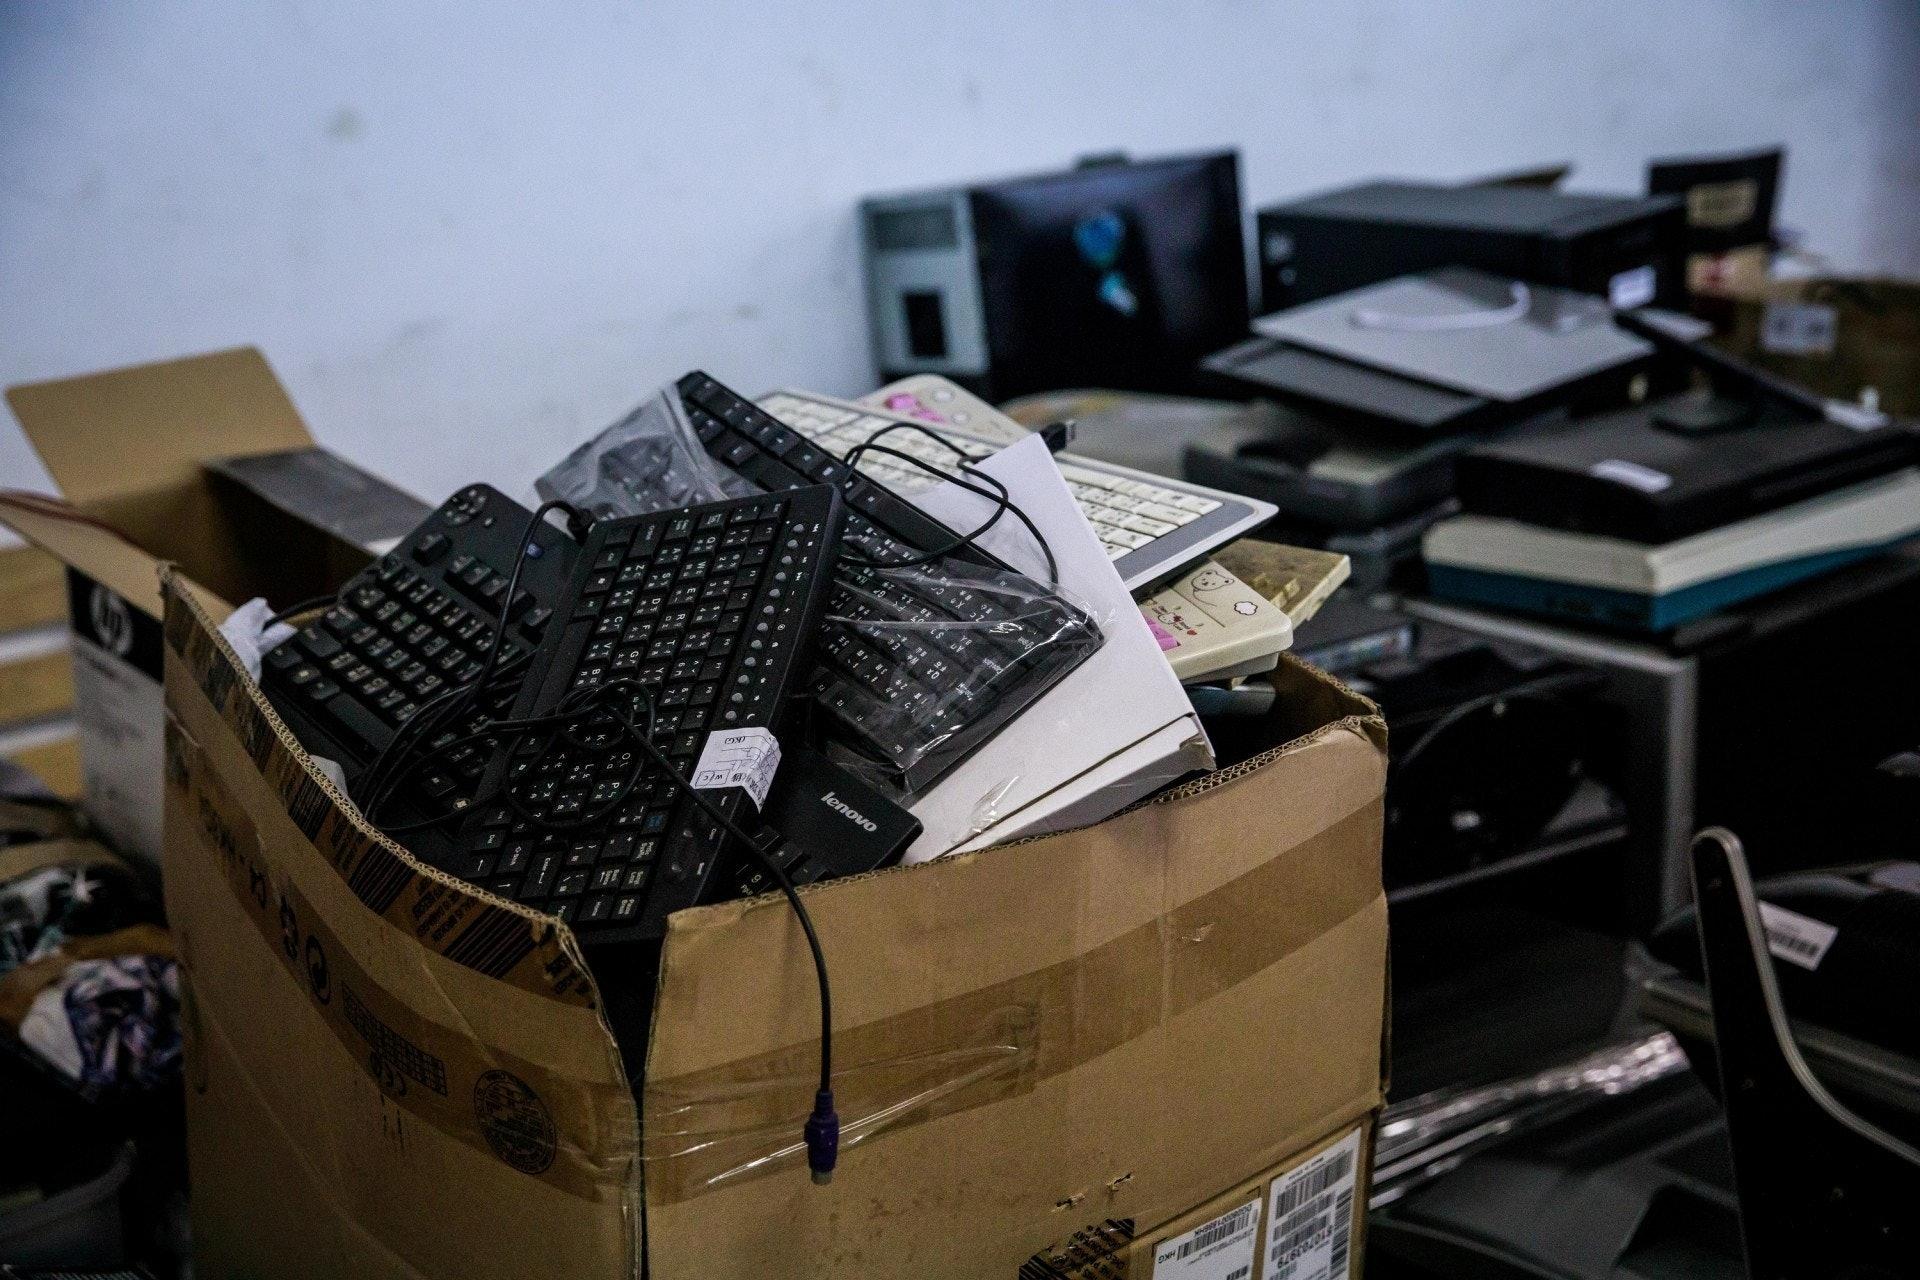 發言人提醒,回收商如未能確定在月底前領有電器廢物處置牌照,則須現時立即採取行動,妥善清理現存的電器廢物並停止接收電器廢物,以免屆時觸犯法例。(資料圖片)